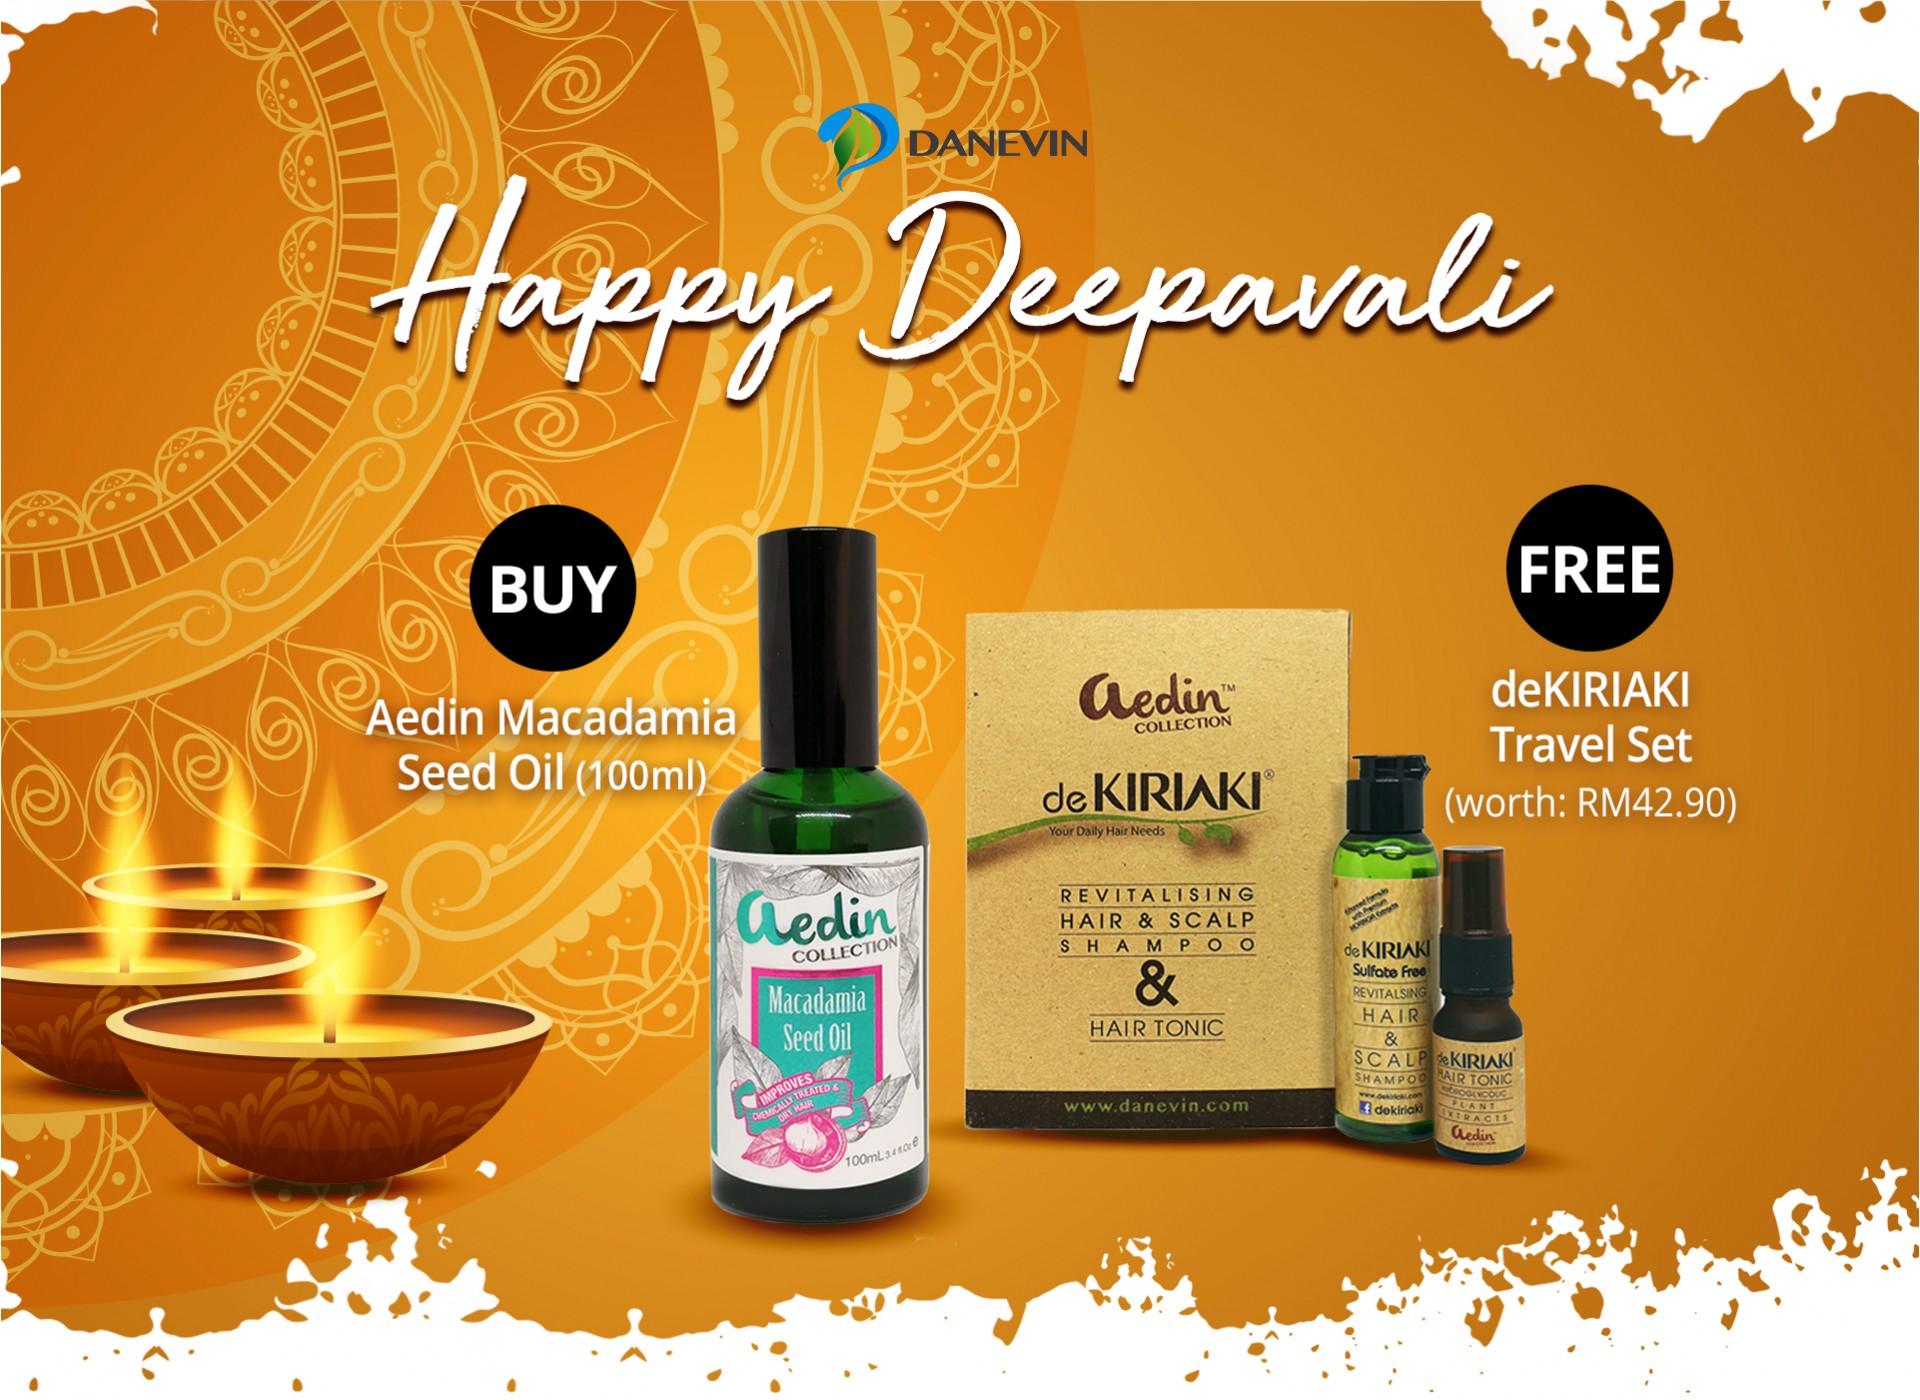 Deepavali Seed Oil